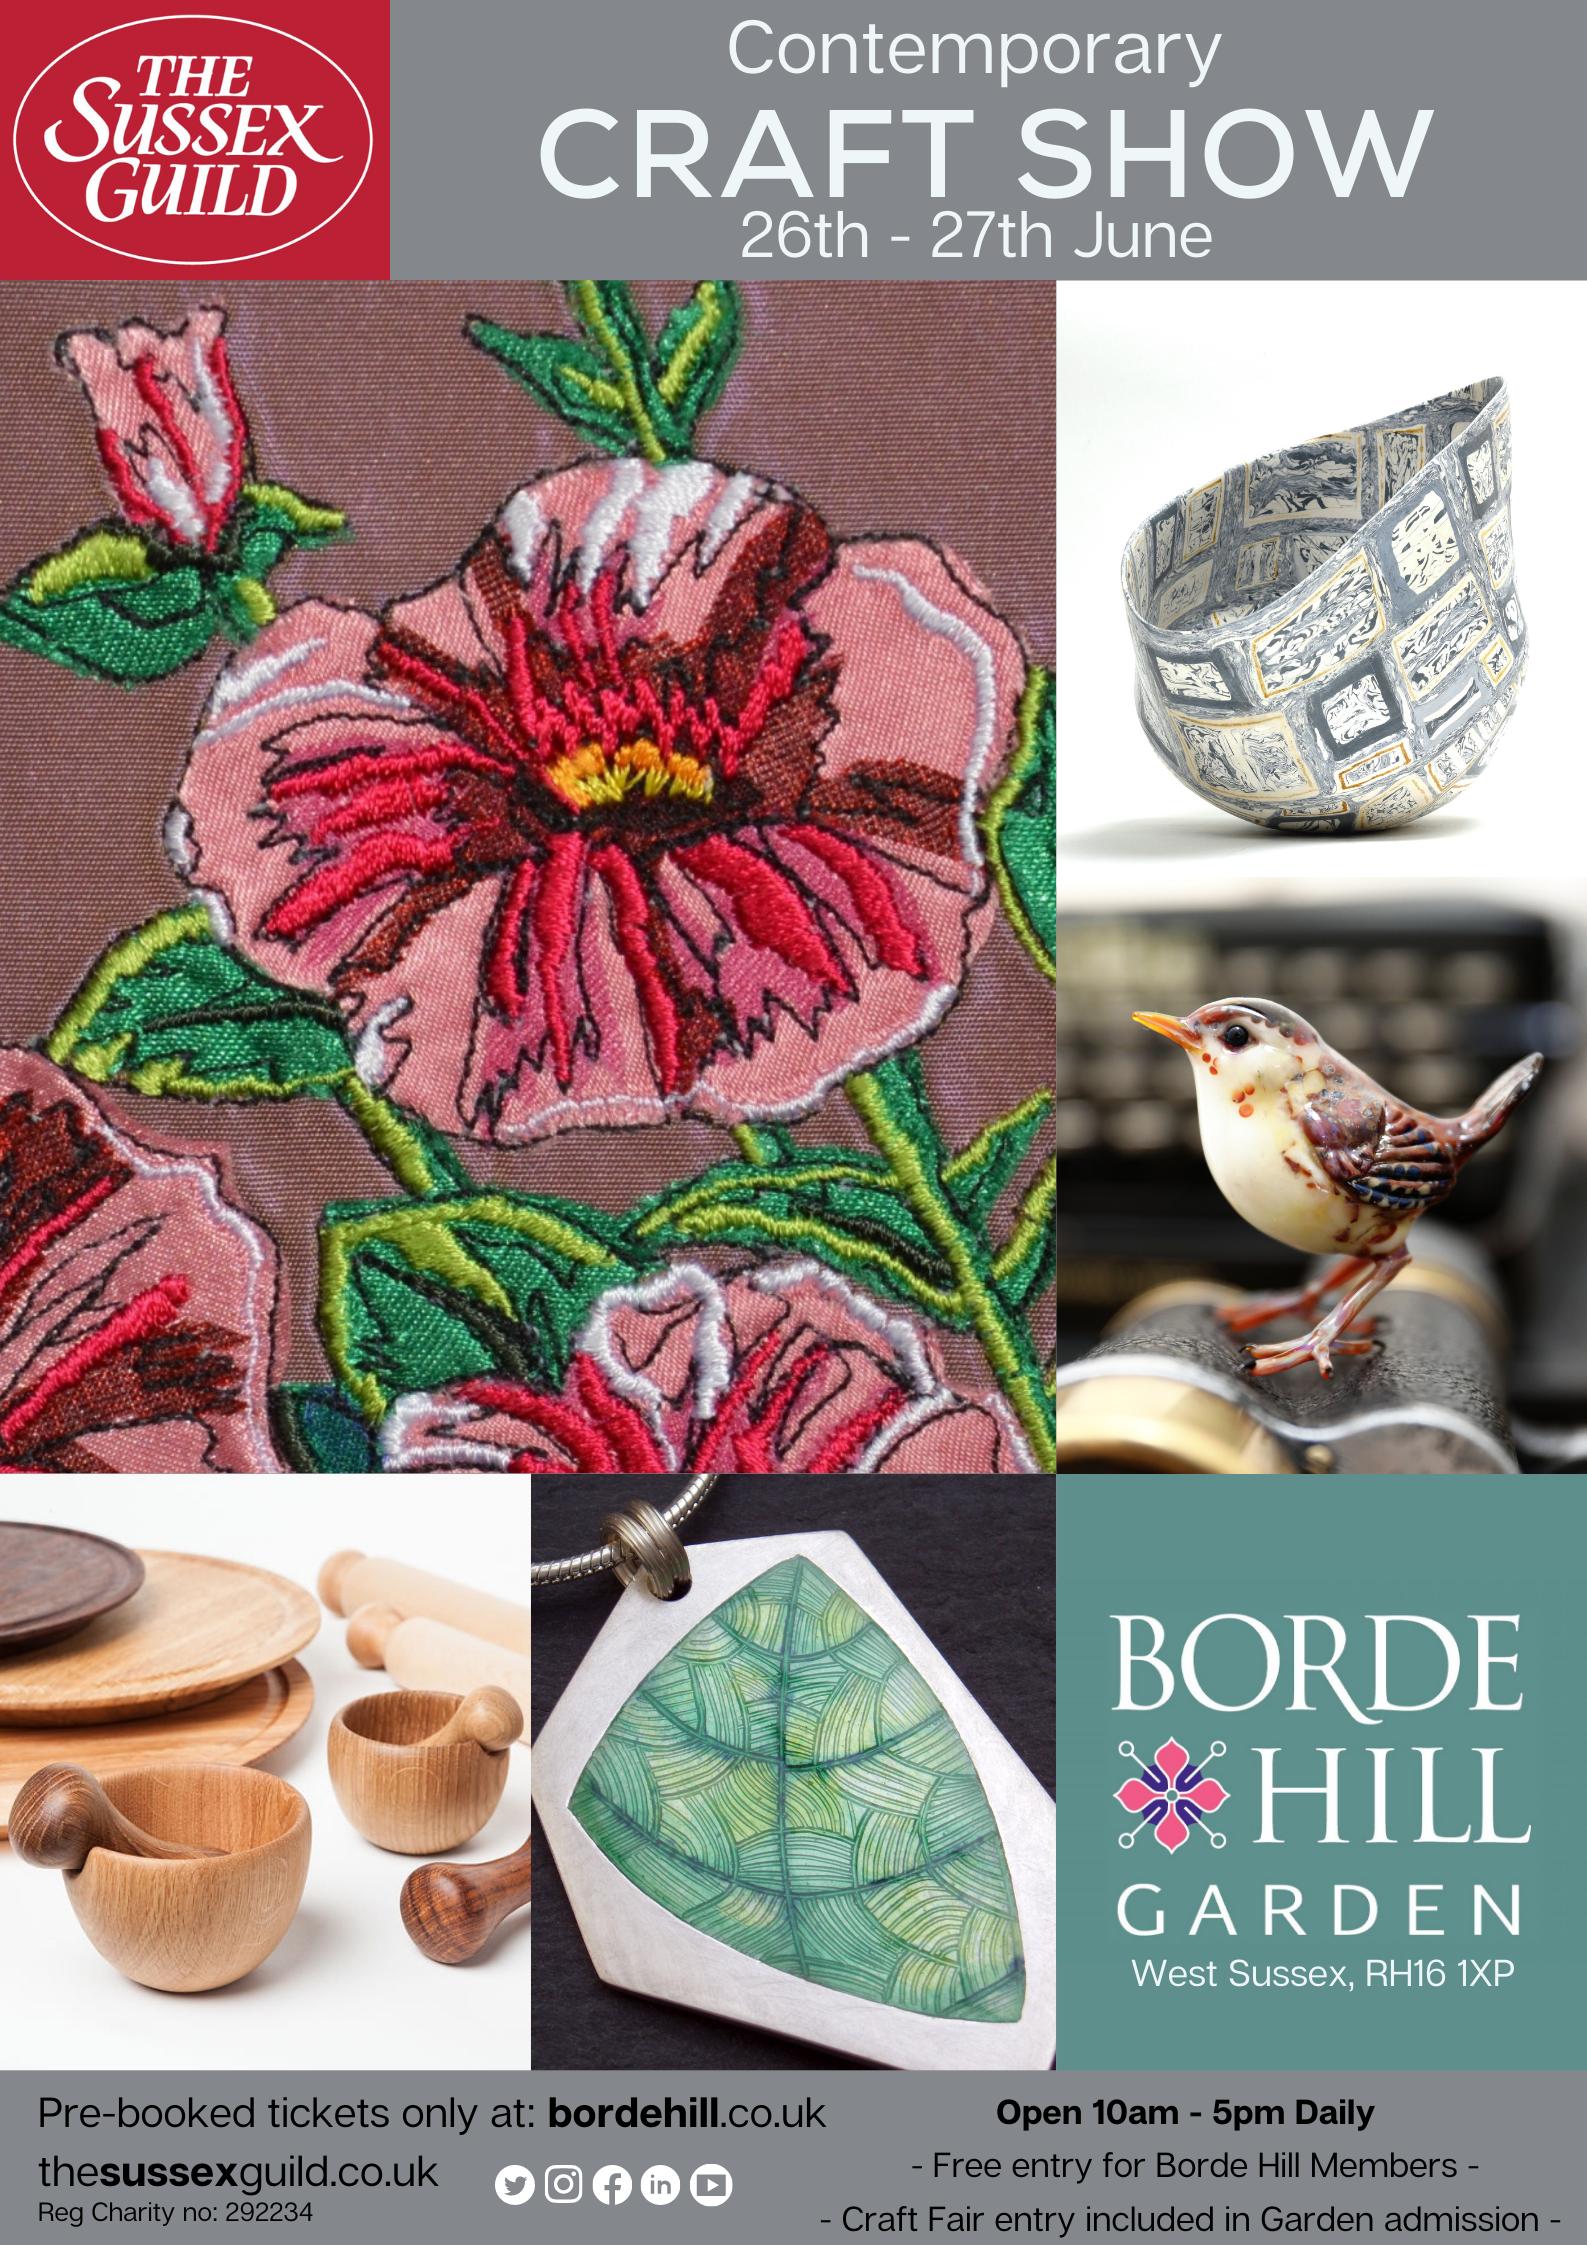 Contemporary-Craft-Show-Borde-Hill-Garden